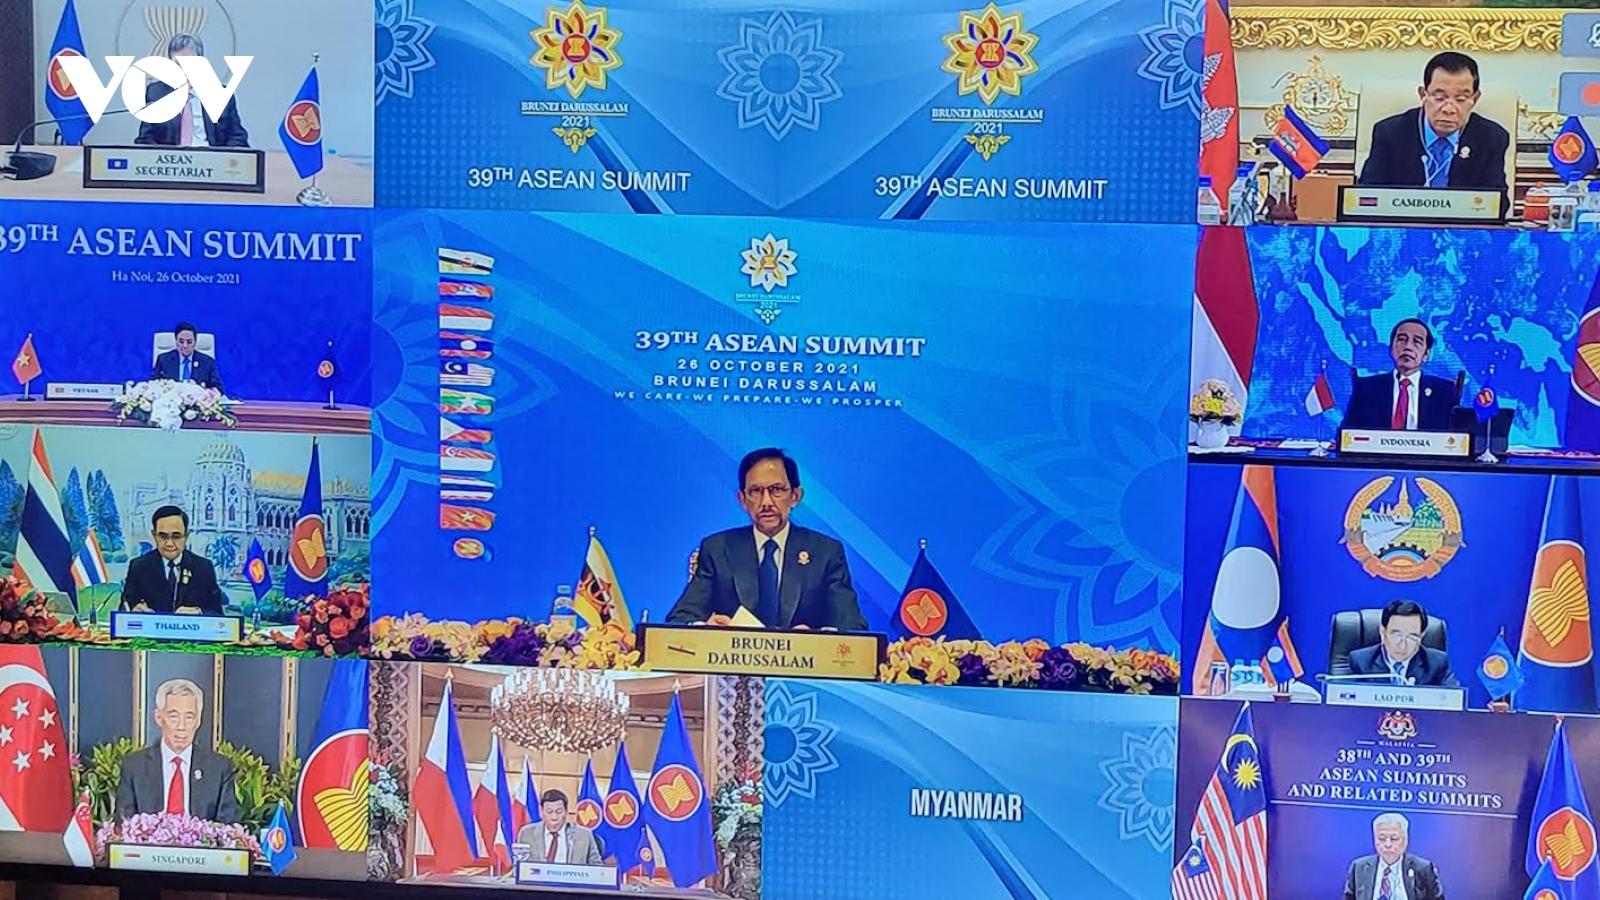 Thủ tướng Phạm Minh Chính: Giá trị cốt lõi và sức mạnh của ASEAN chính là đoàn kết